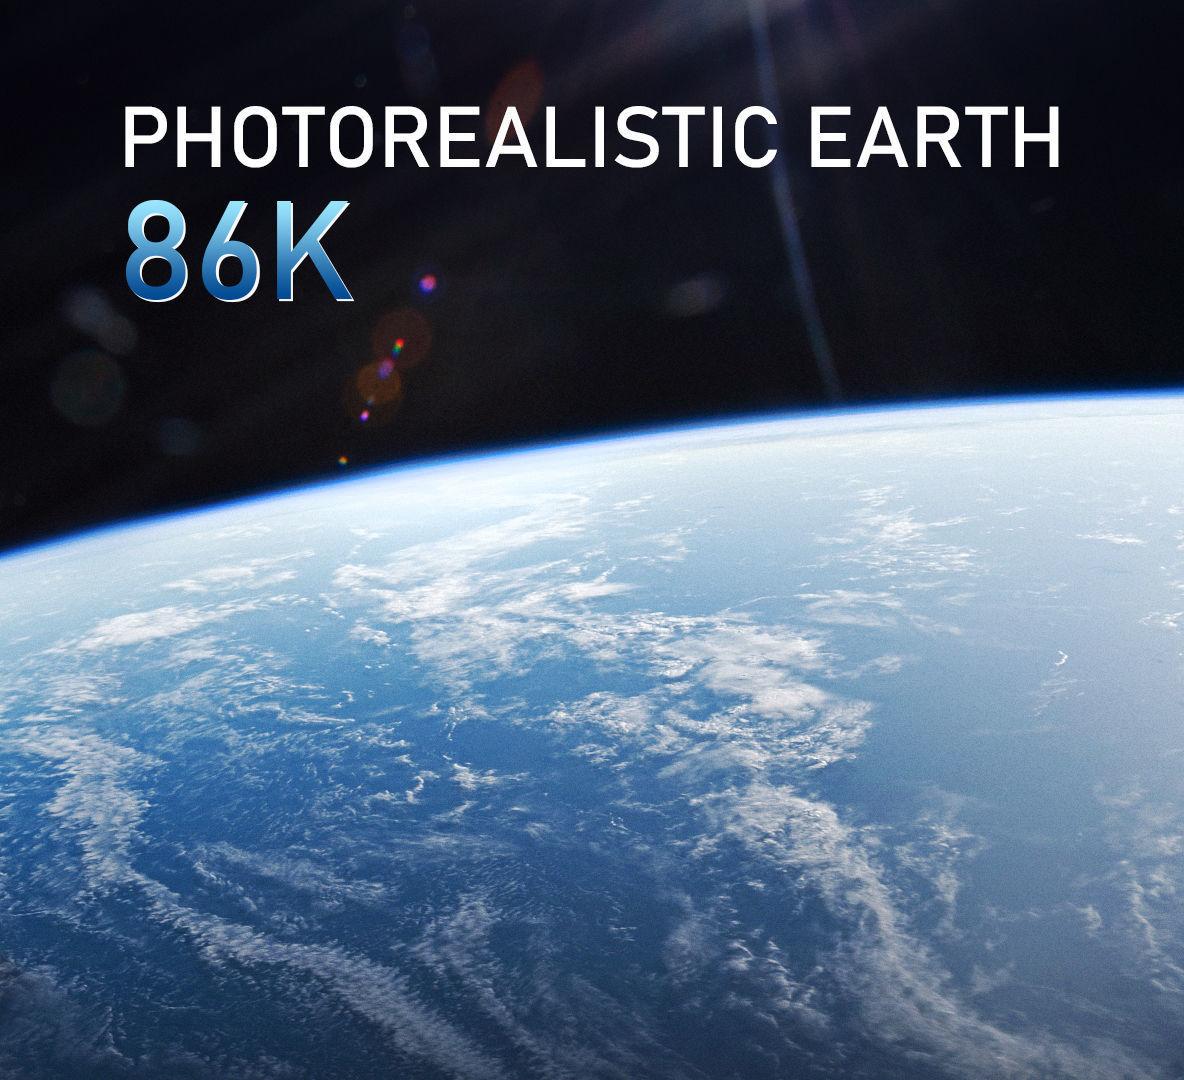 Earth 86k